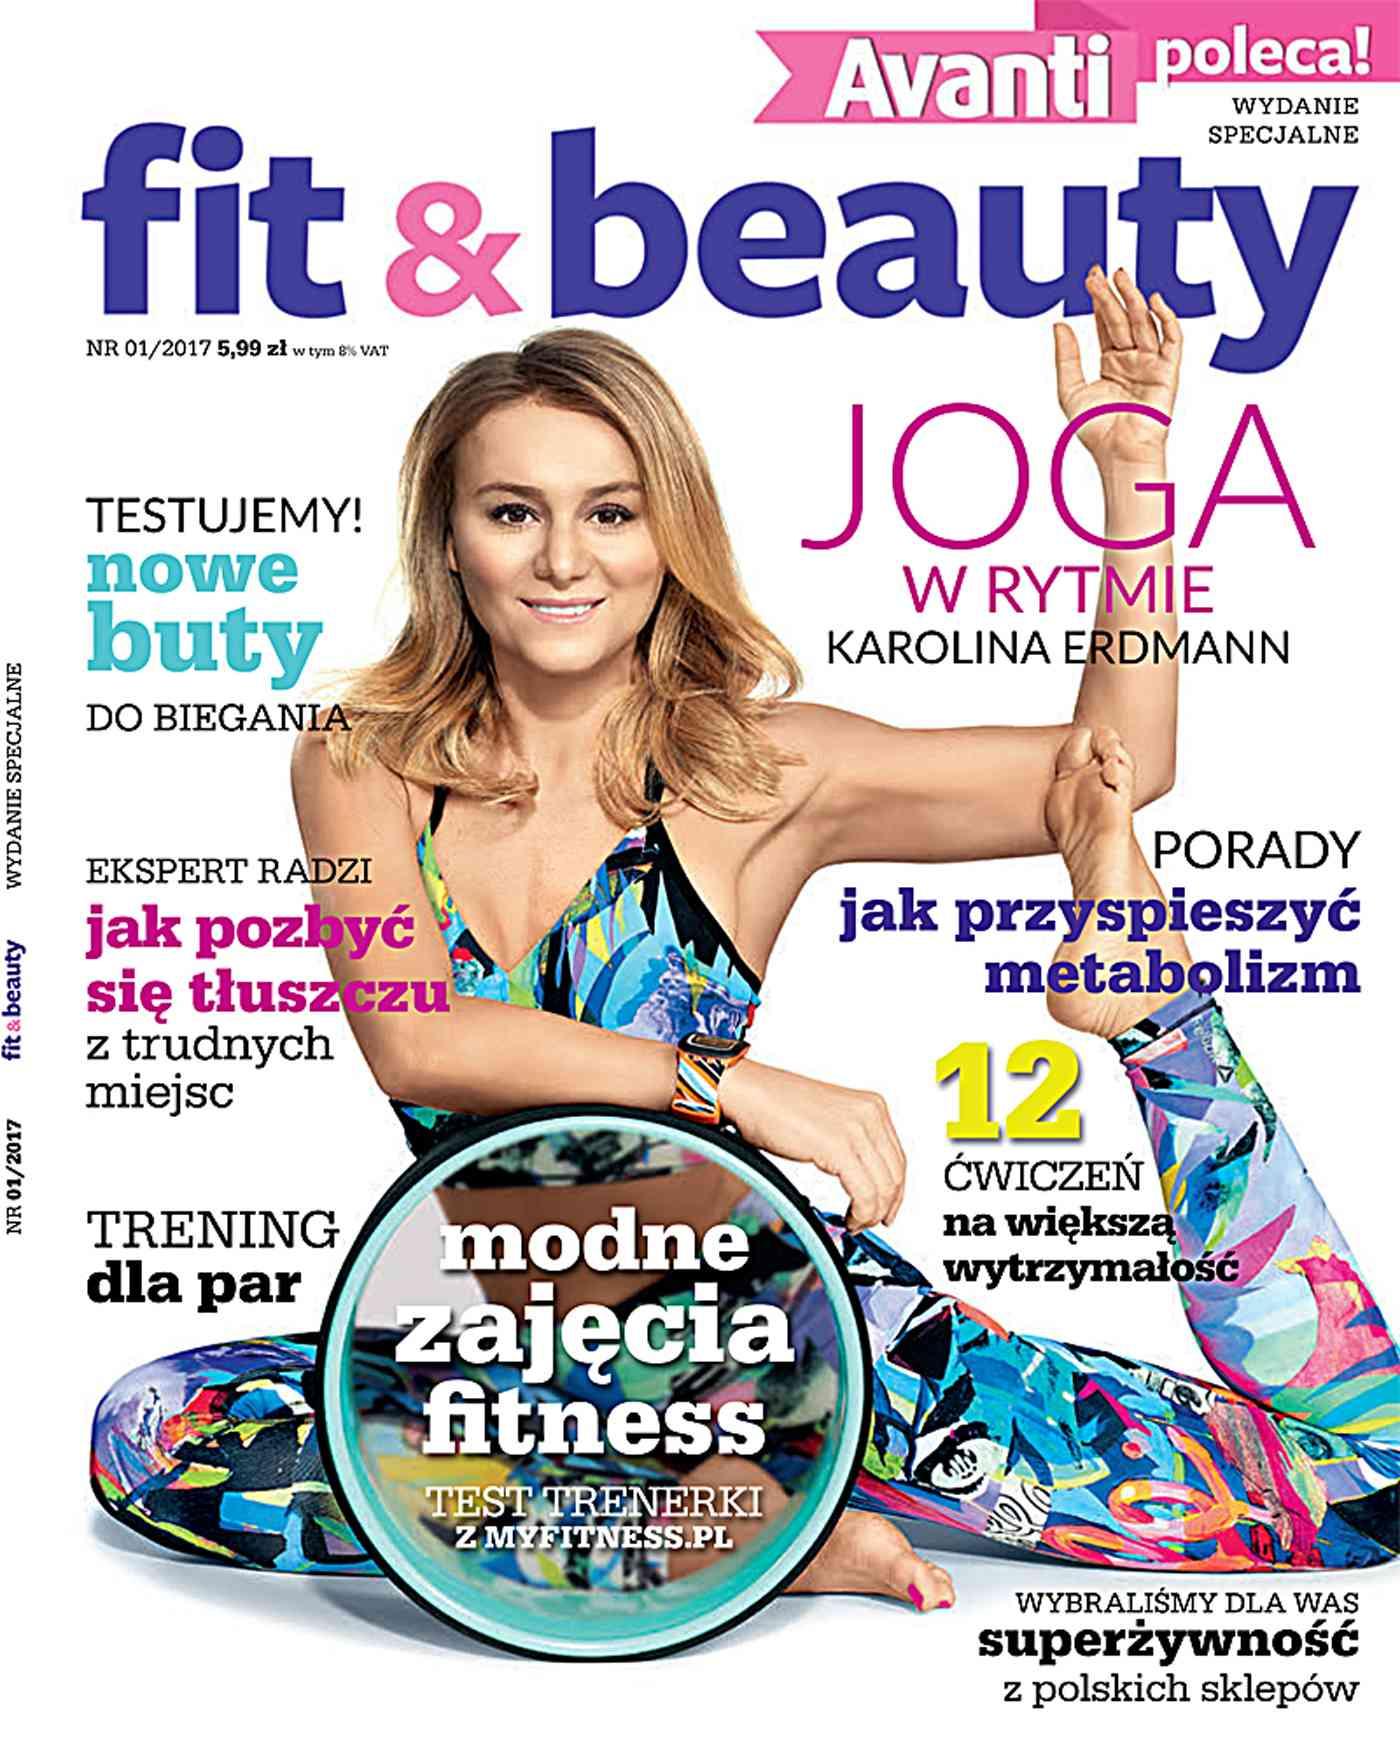 Avanti. Wydanie Specjalne. Fit & Beauty 1/2017 - Ebook (Książka PDF) do pobrania w formacie PDF